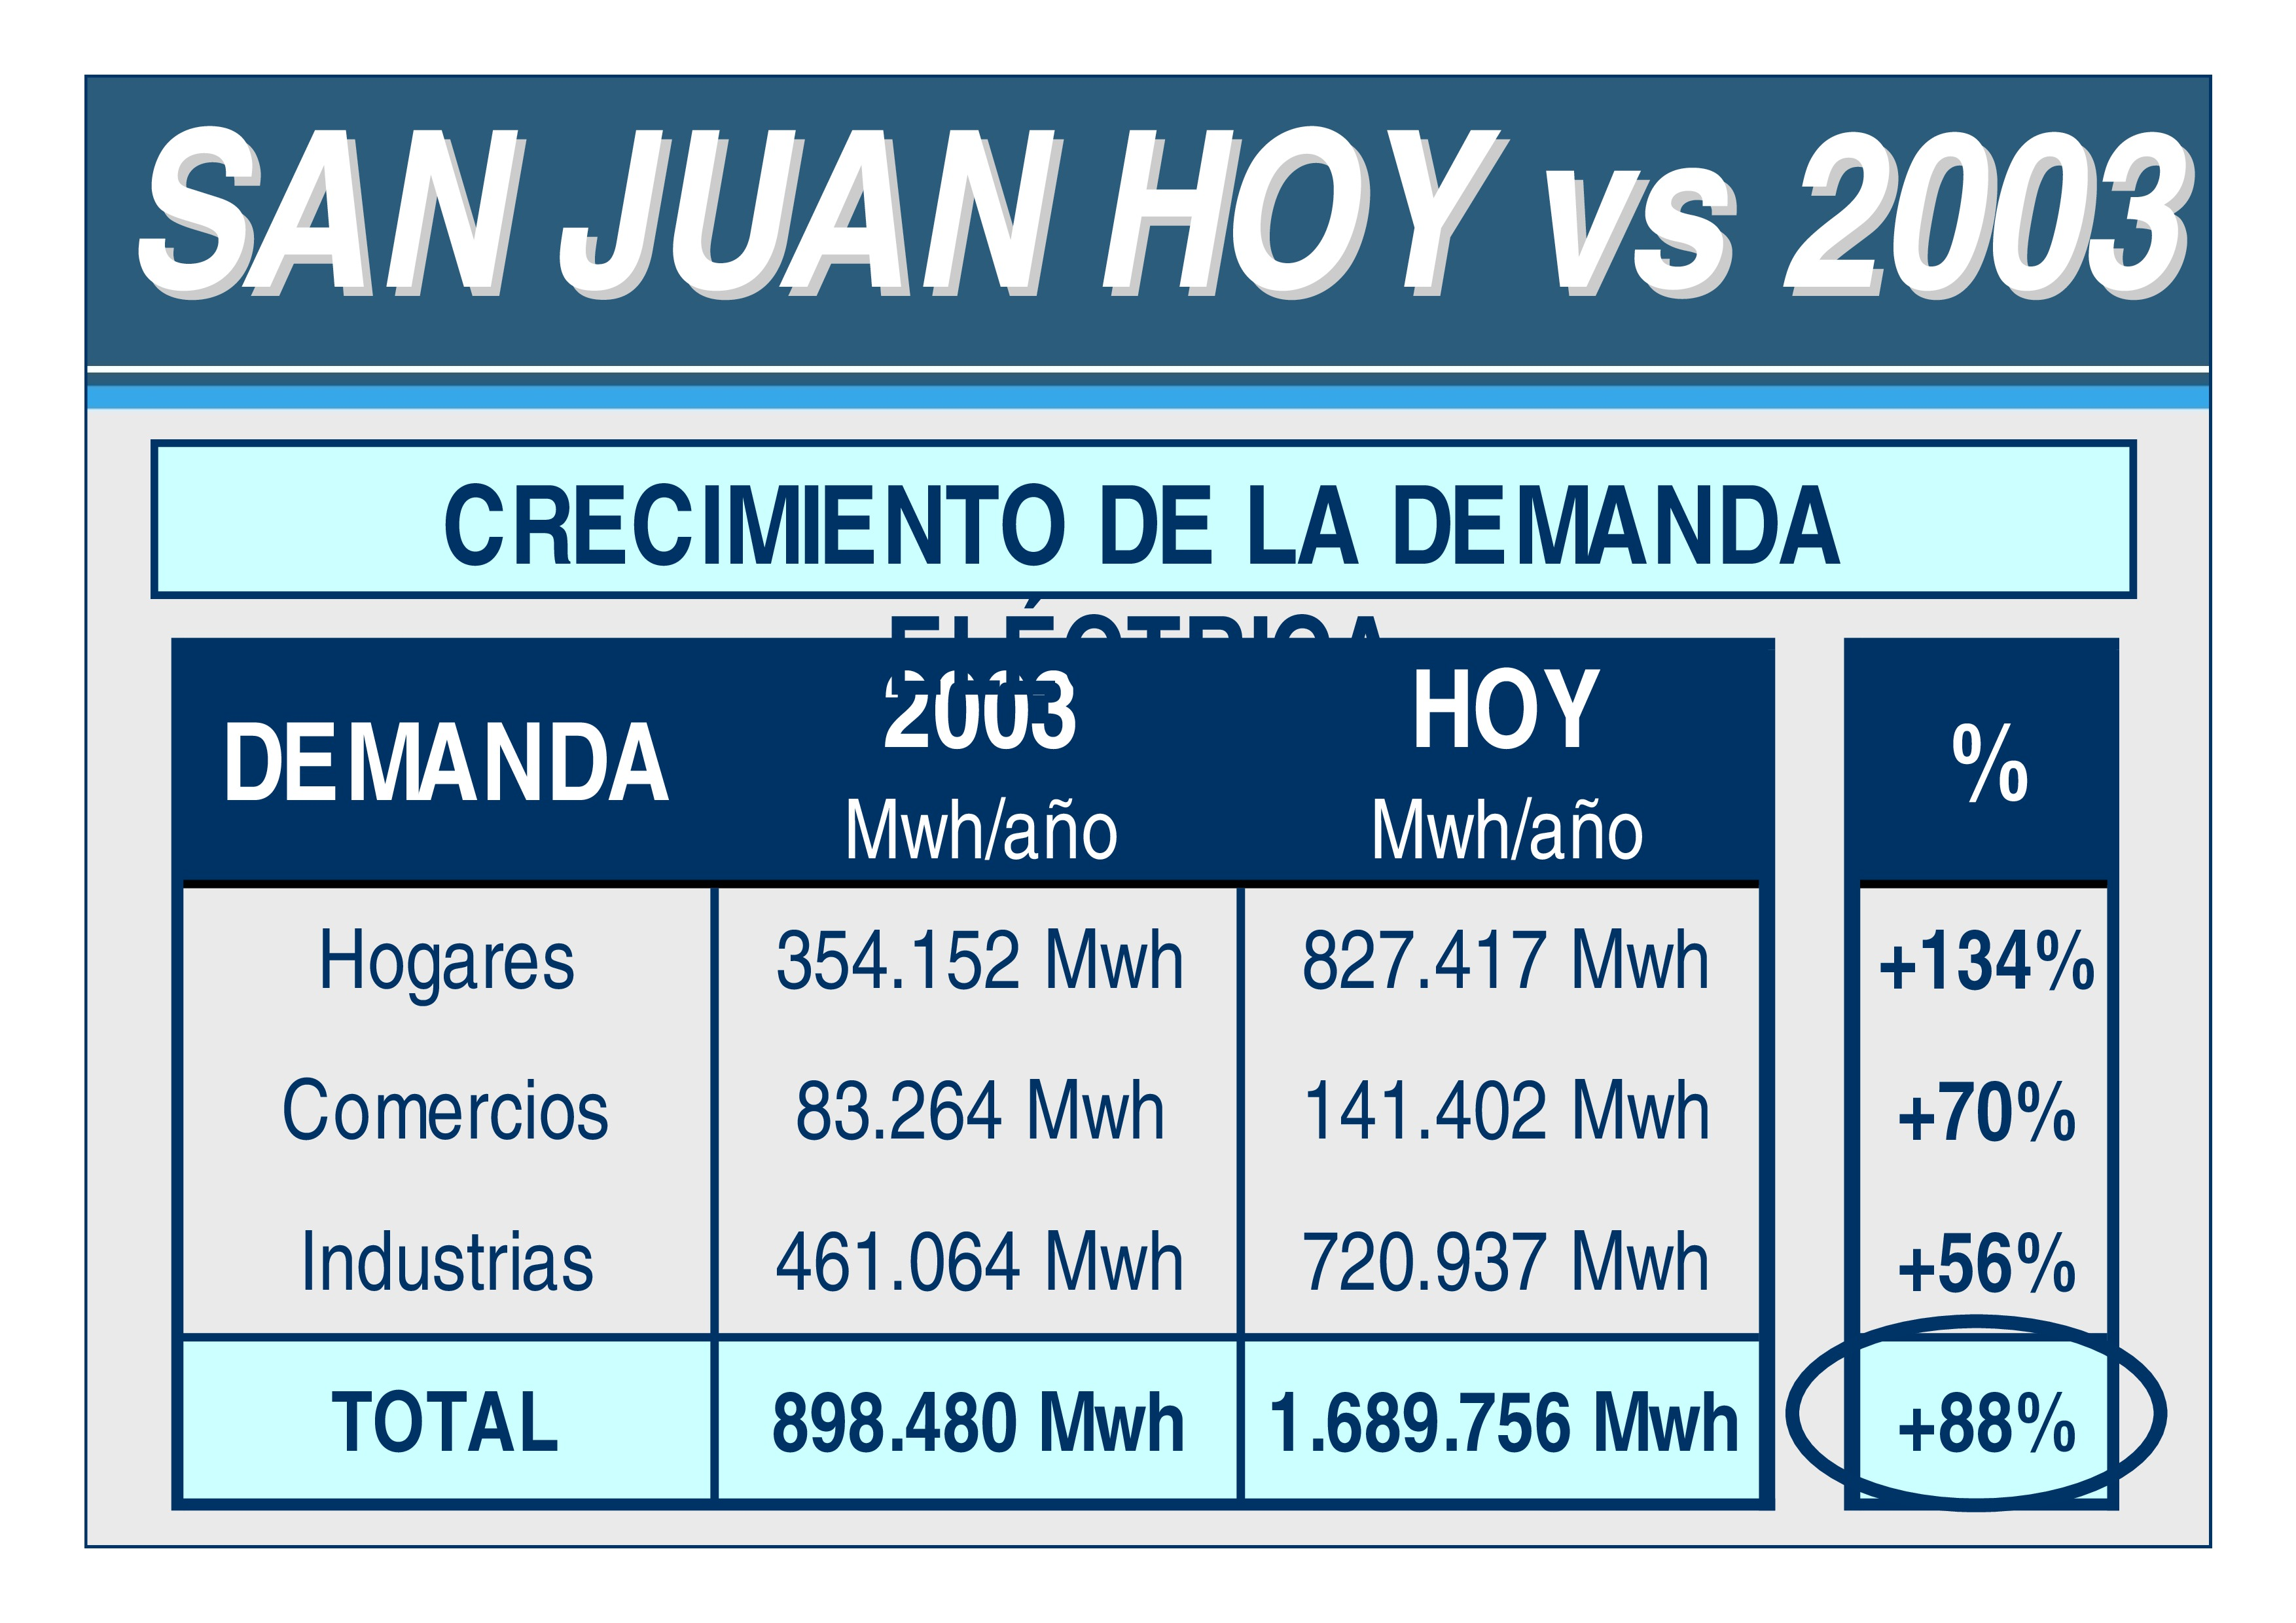 Complejo hidroeléctrico del Río San Juan